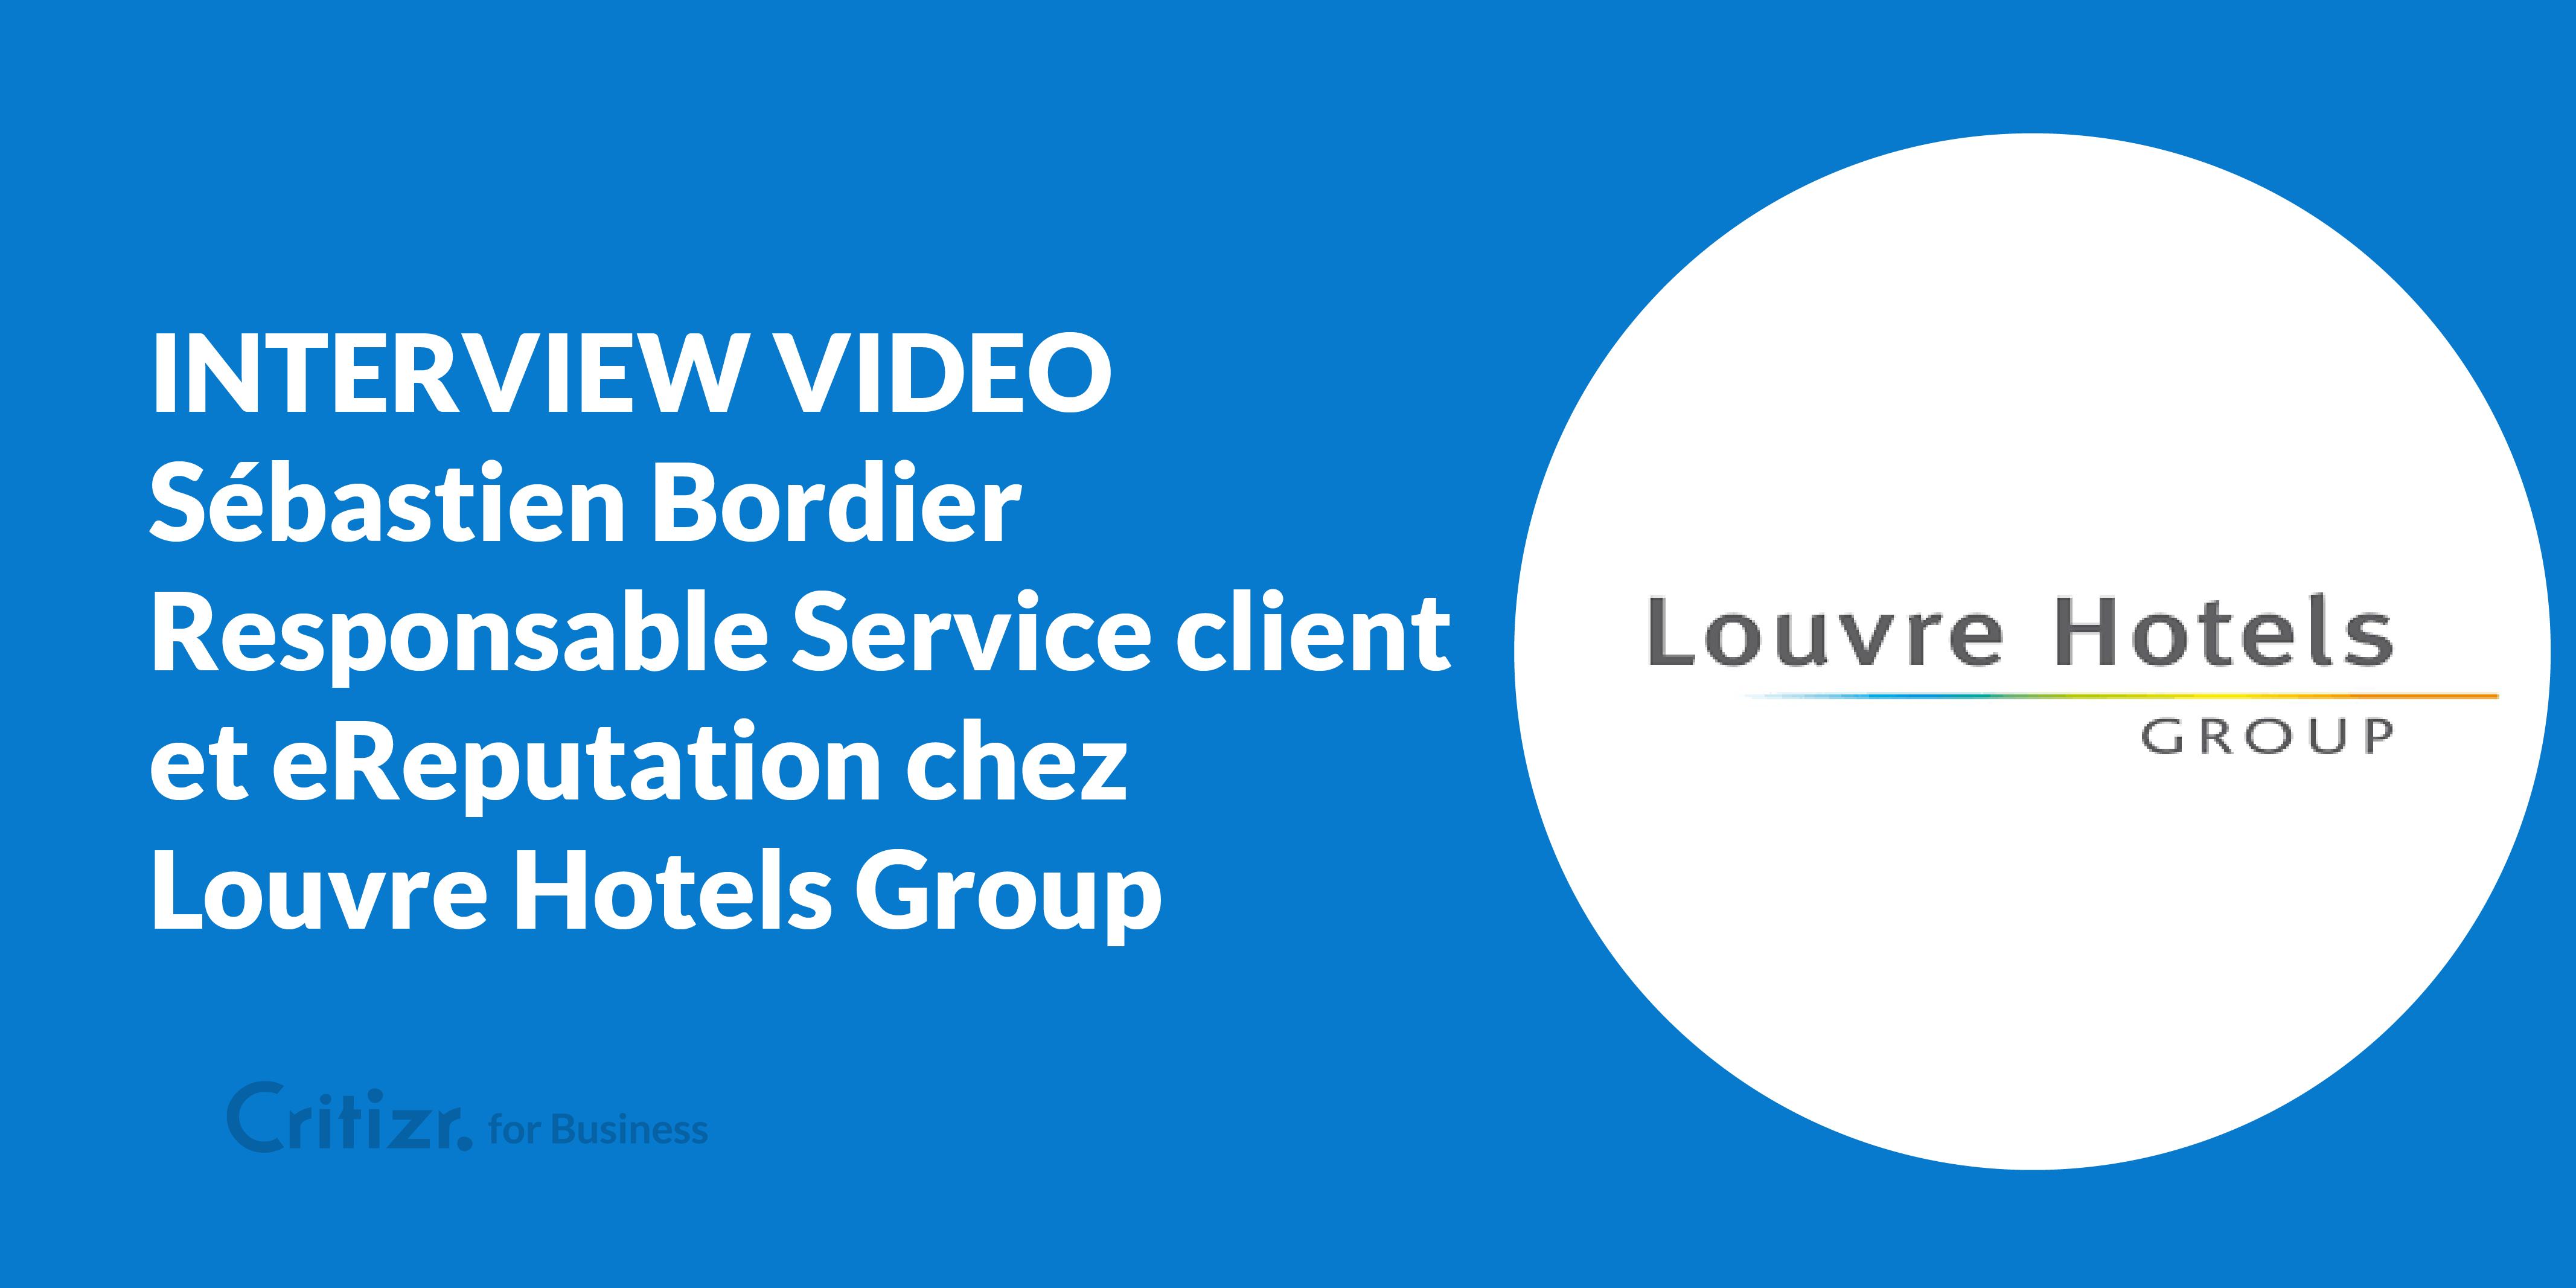 template-images-blog-couverture_sebastien bordier - louvre hotel-02